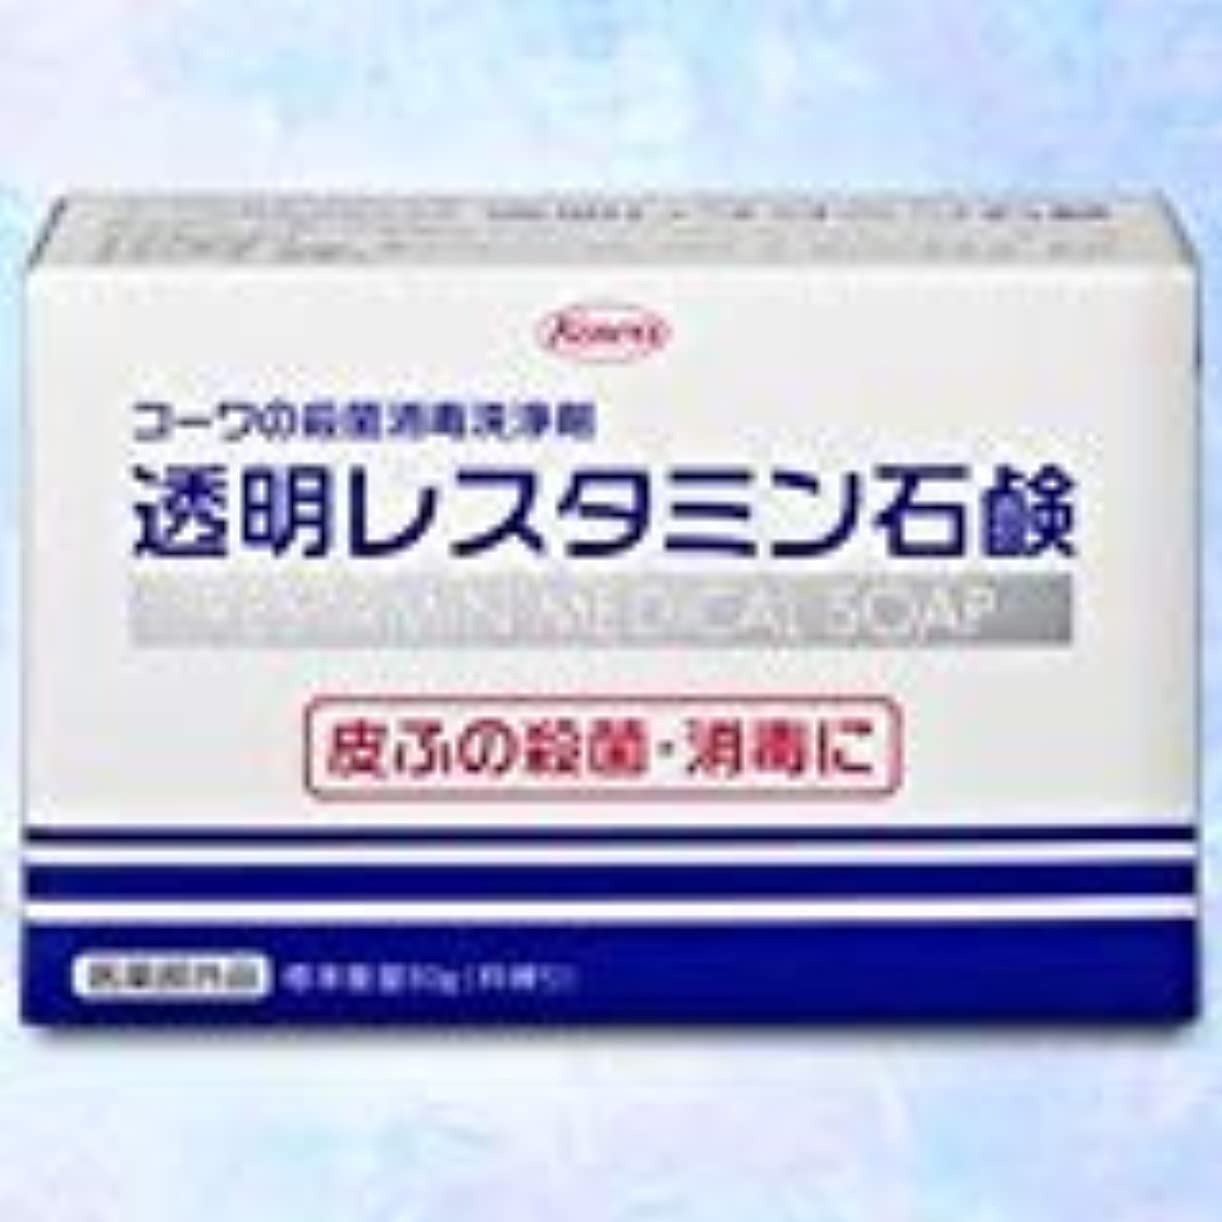 保護乱暴なウサギ【興和】コーワの殺菌消毒洗浄剤「透明レスタミン石鹸」80g(医薬部外品) ×5個セット